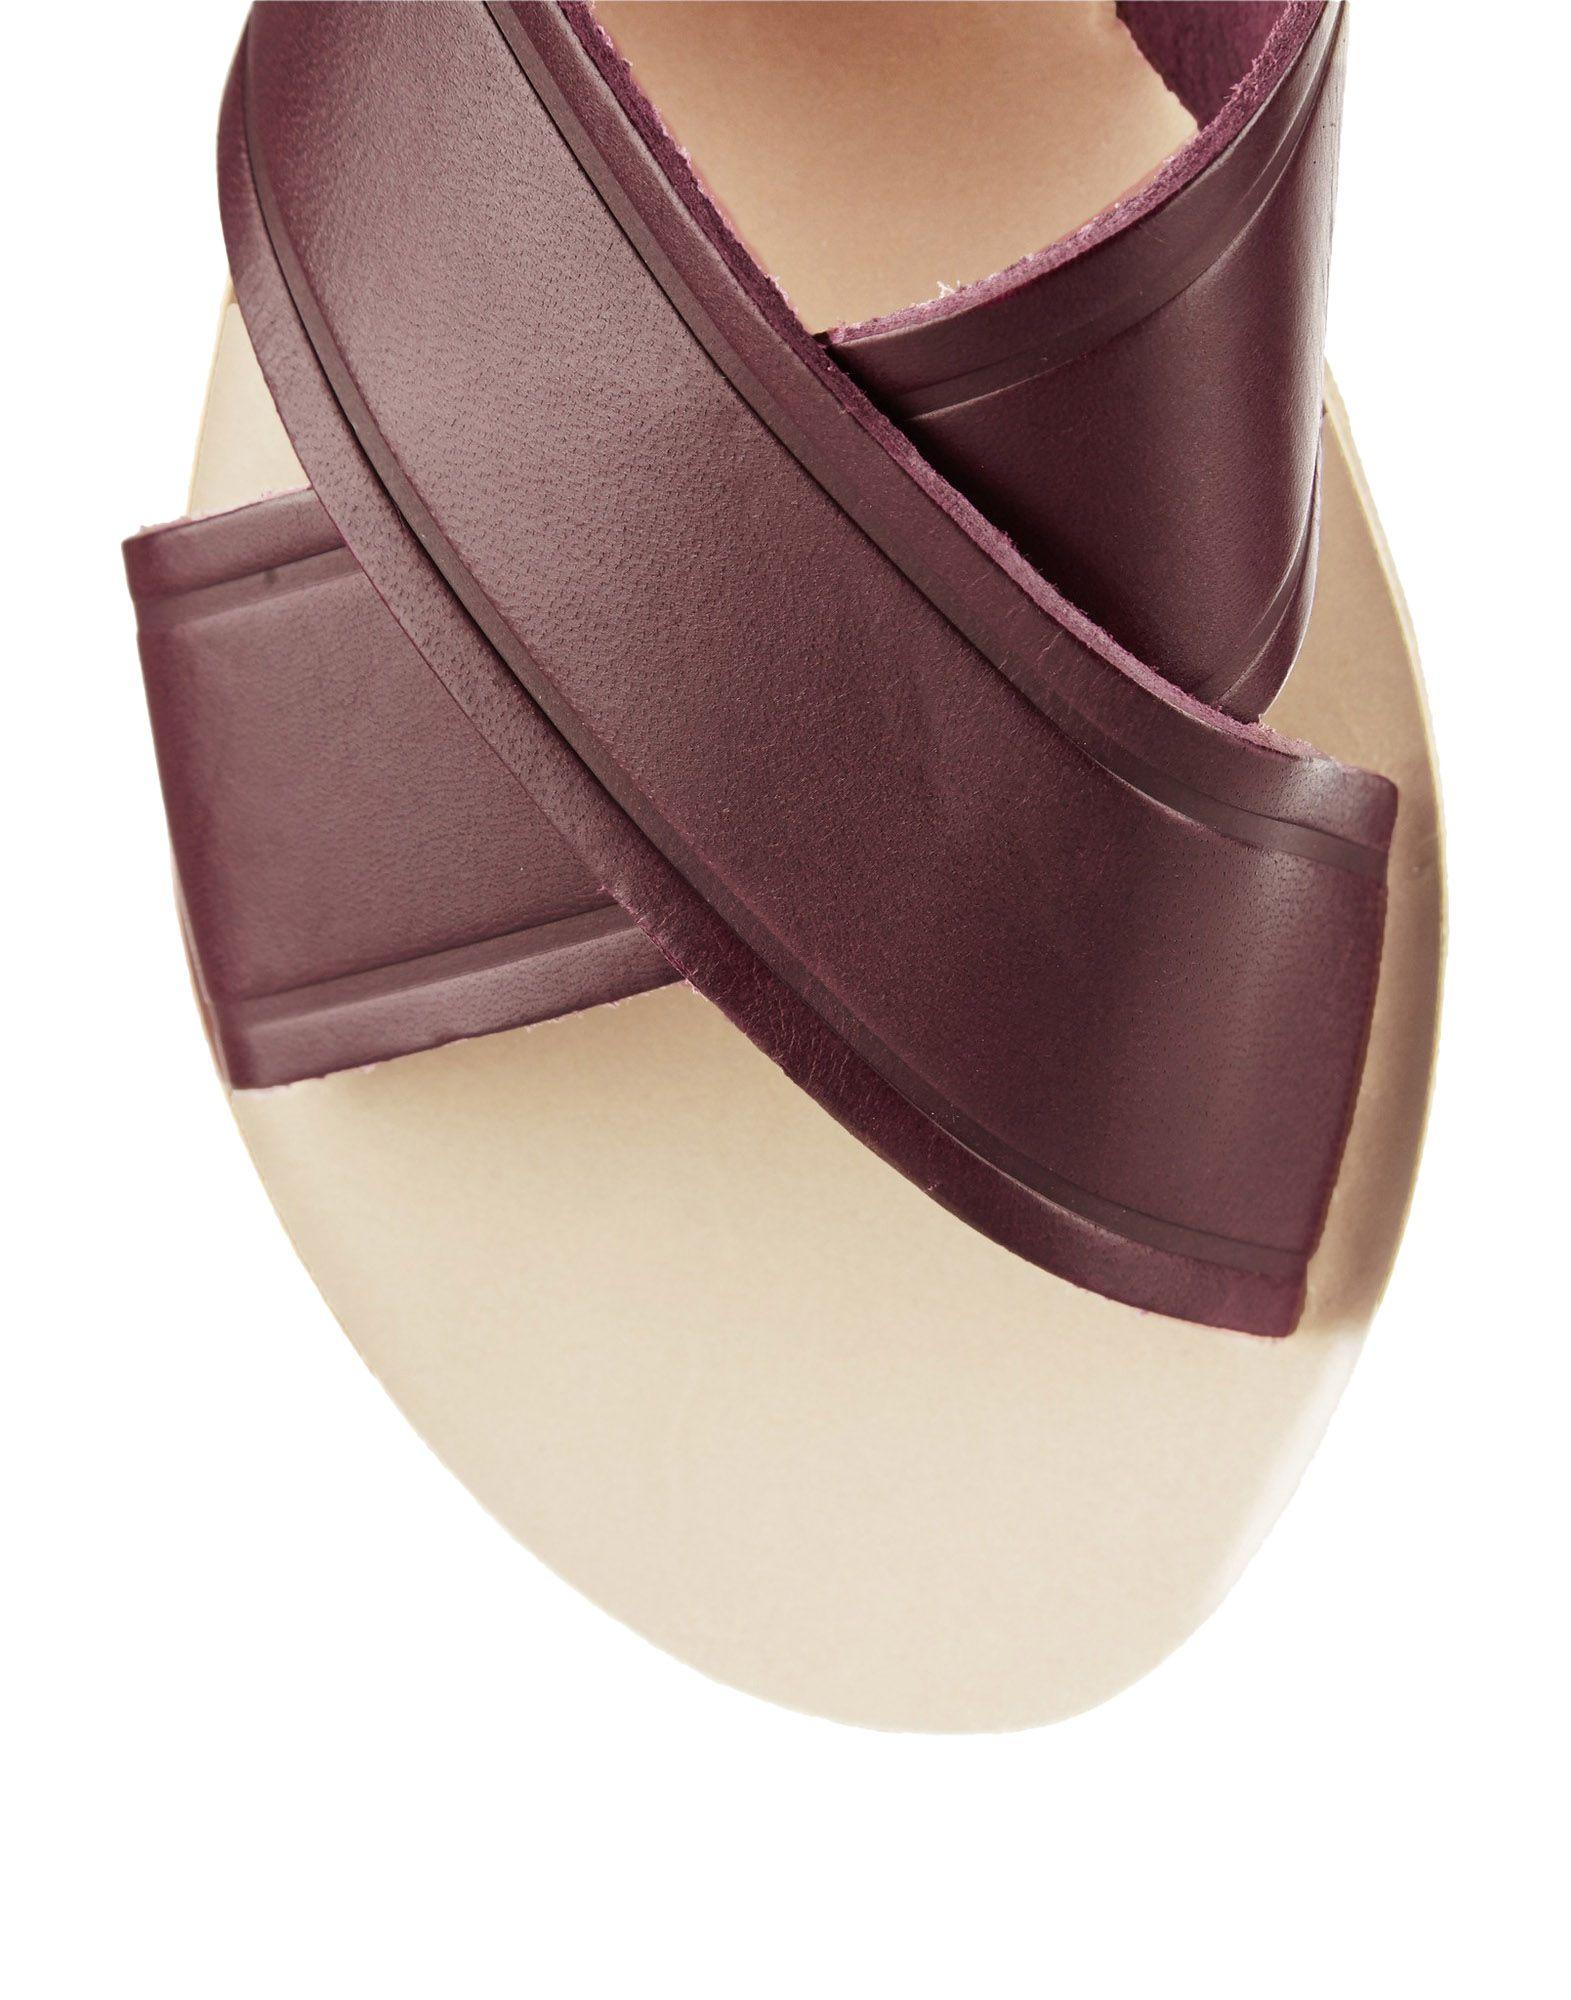 Ancient Greek Sandales Sandalen Gutes Damen Gutes Sandalen Preis-Leistungs-Verhältnis, es lohnt sich 643cee